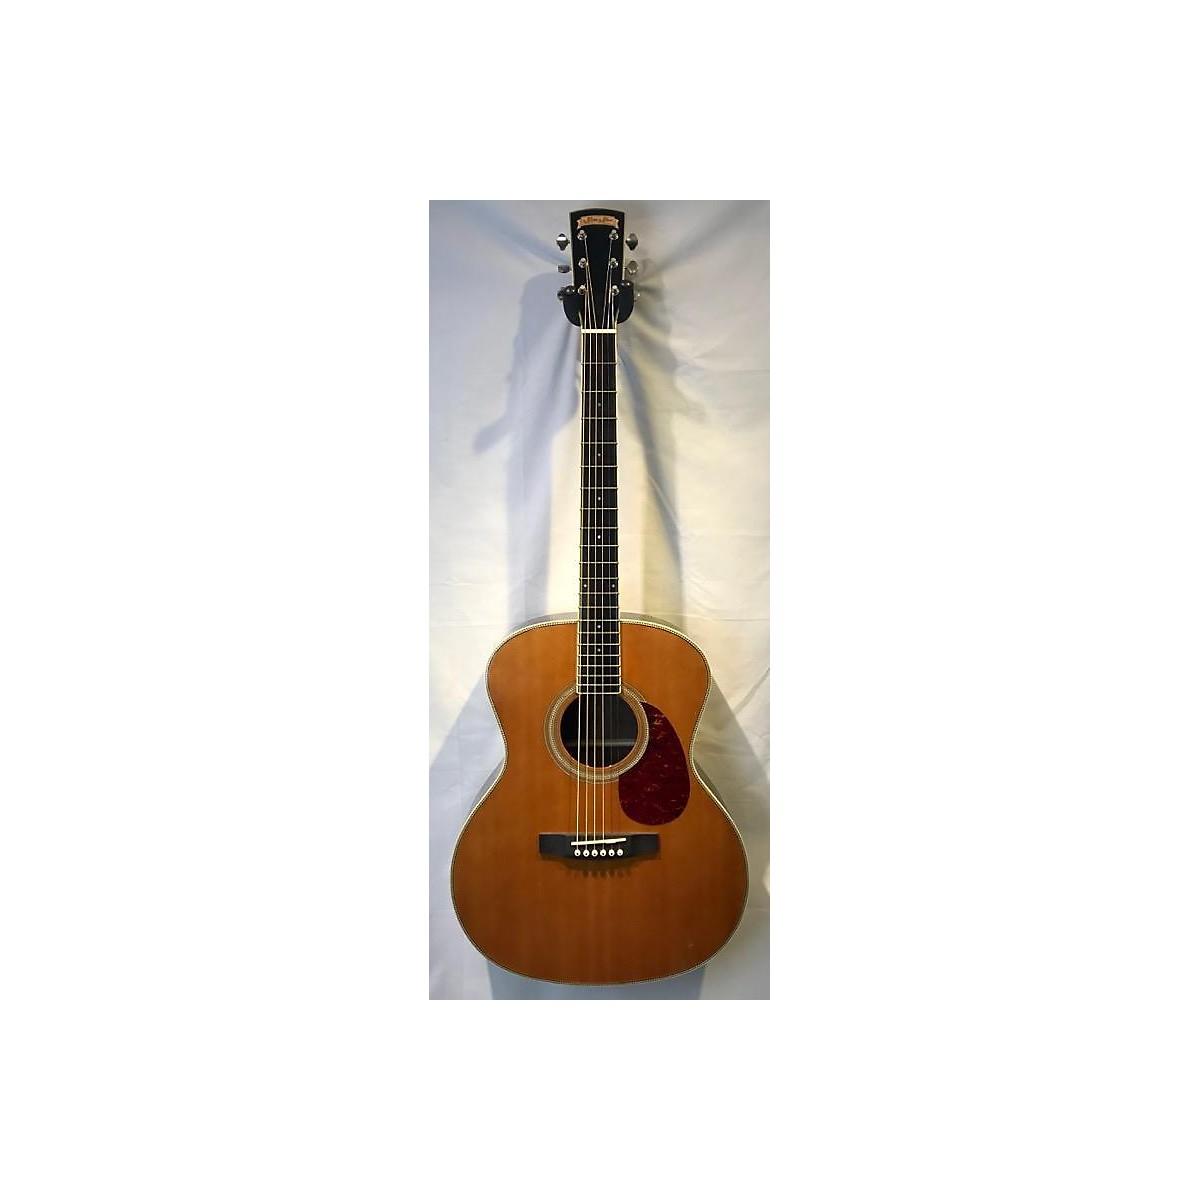 Morgan Monroe M-30 Acoustic Guitar